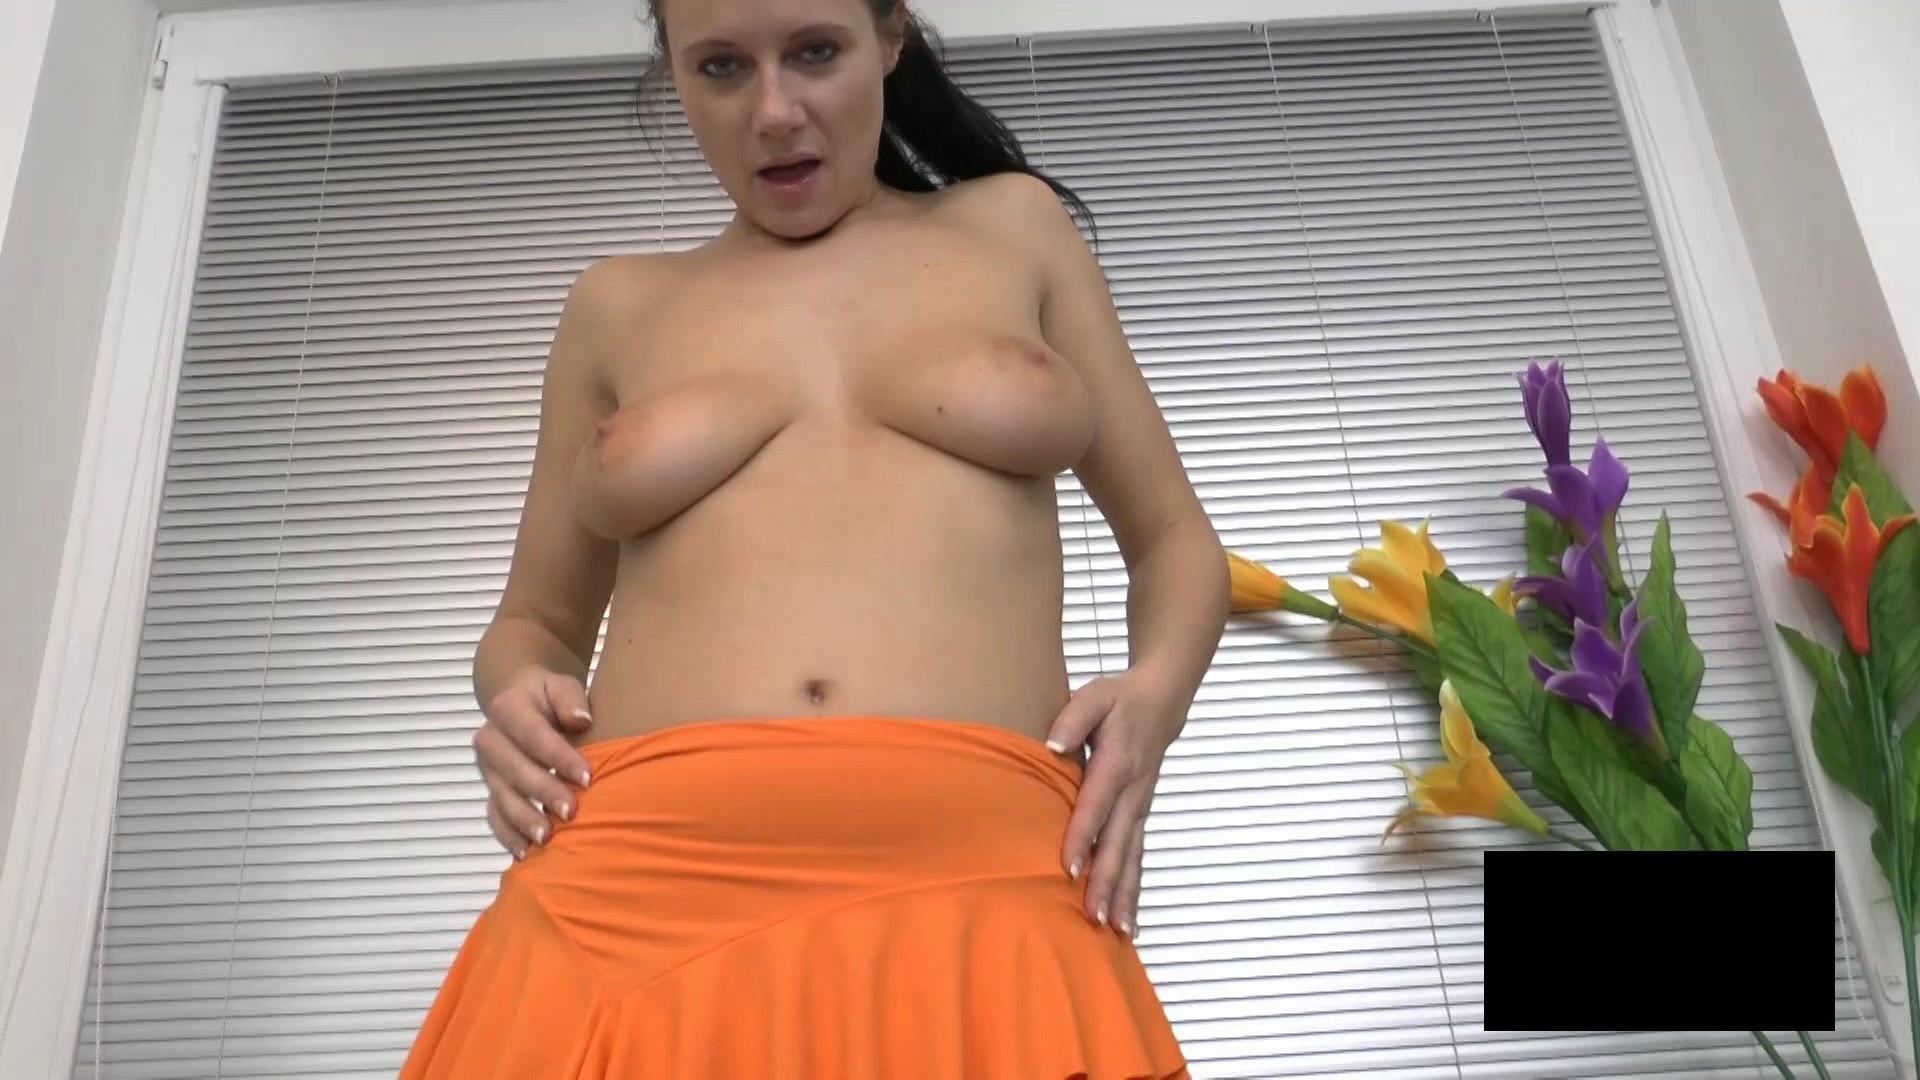 脂肪たっぷりの東欧熟女の脱衣ヌード画像貼ってくwwwwwwwww oeq93Ia